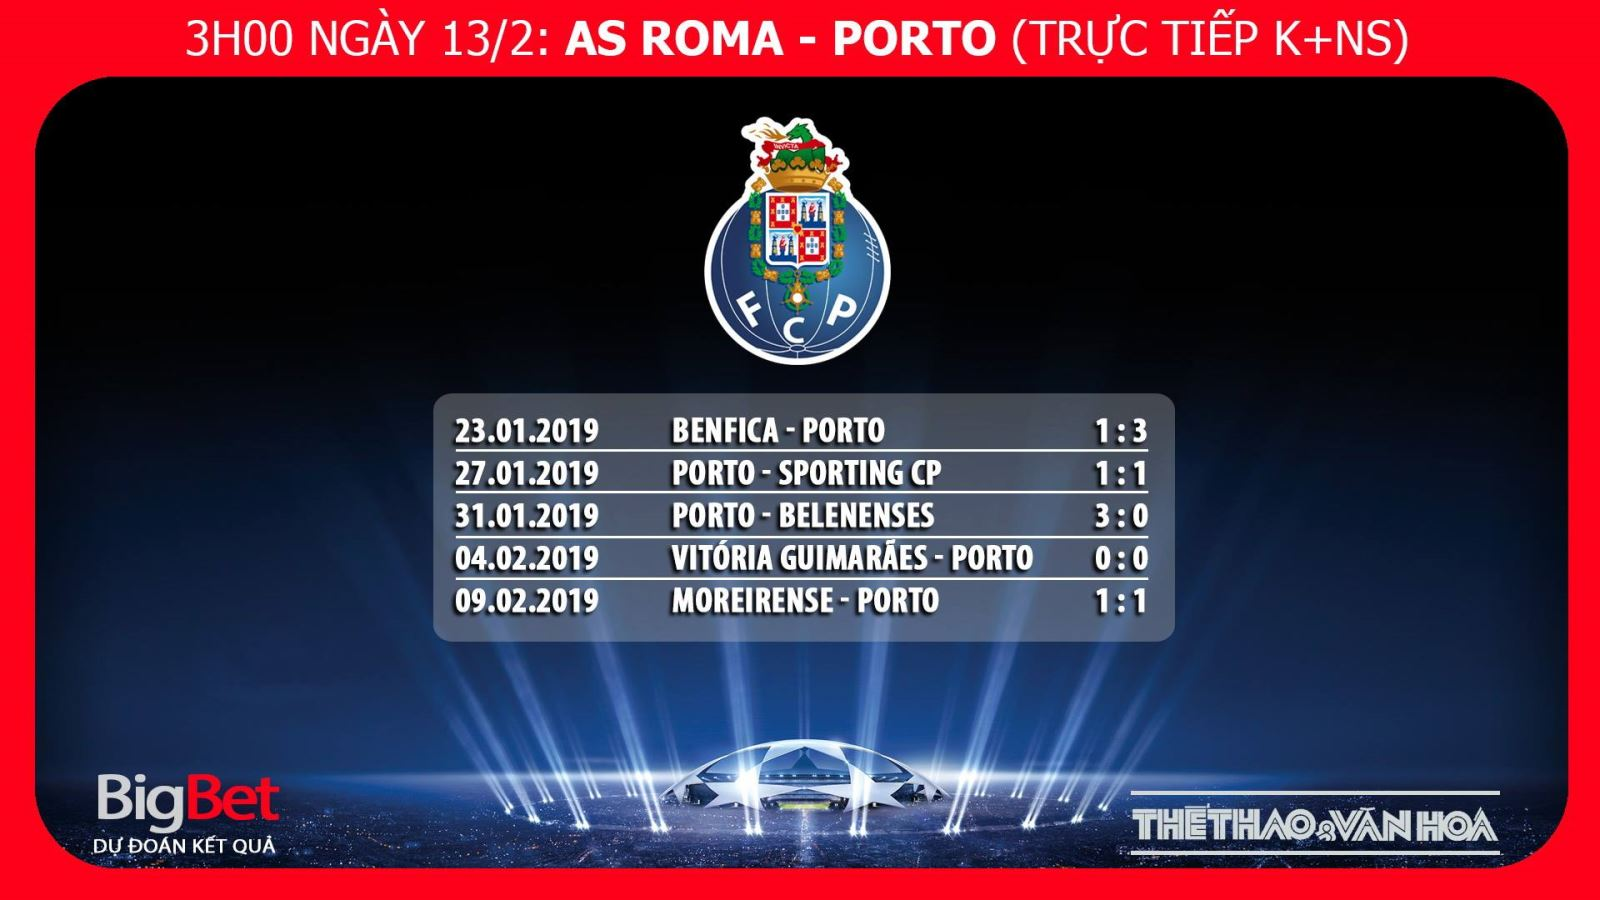 trực tiếp bóng đá, kèo Roma vs Porto, soi kèo roma vs porto, kèo bóng đá, roma vs porto, nhận định roma đấu với porto, dự đoán bóng đá, truc tiep roma vs porto, xem trực tiếp as roma ở đâu, champions league, xem trực tiếp champions league